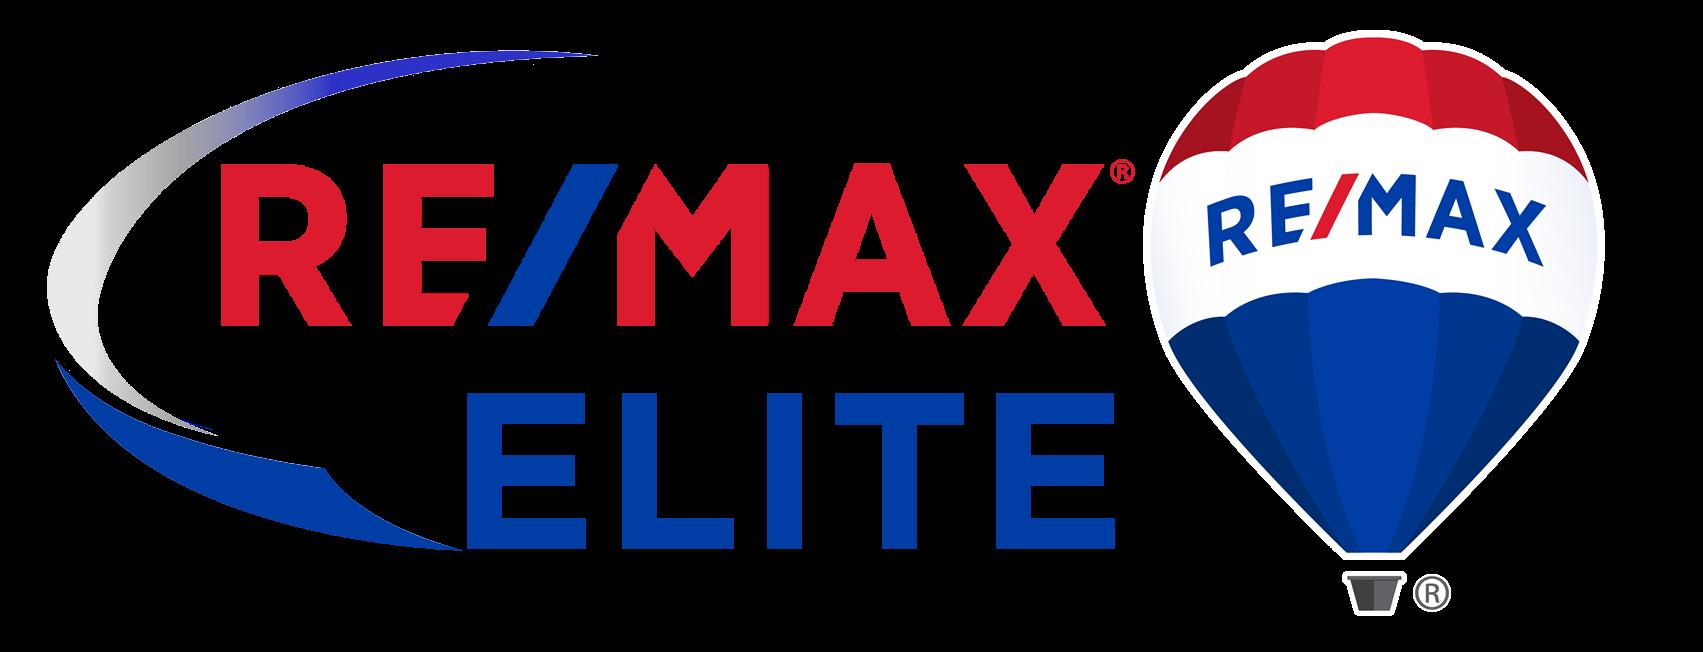 Re/Max Elite